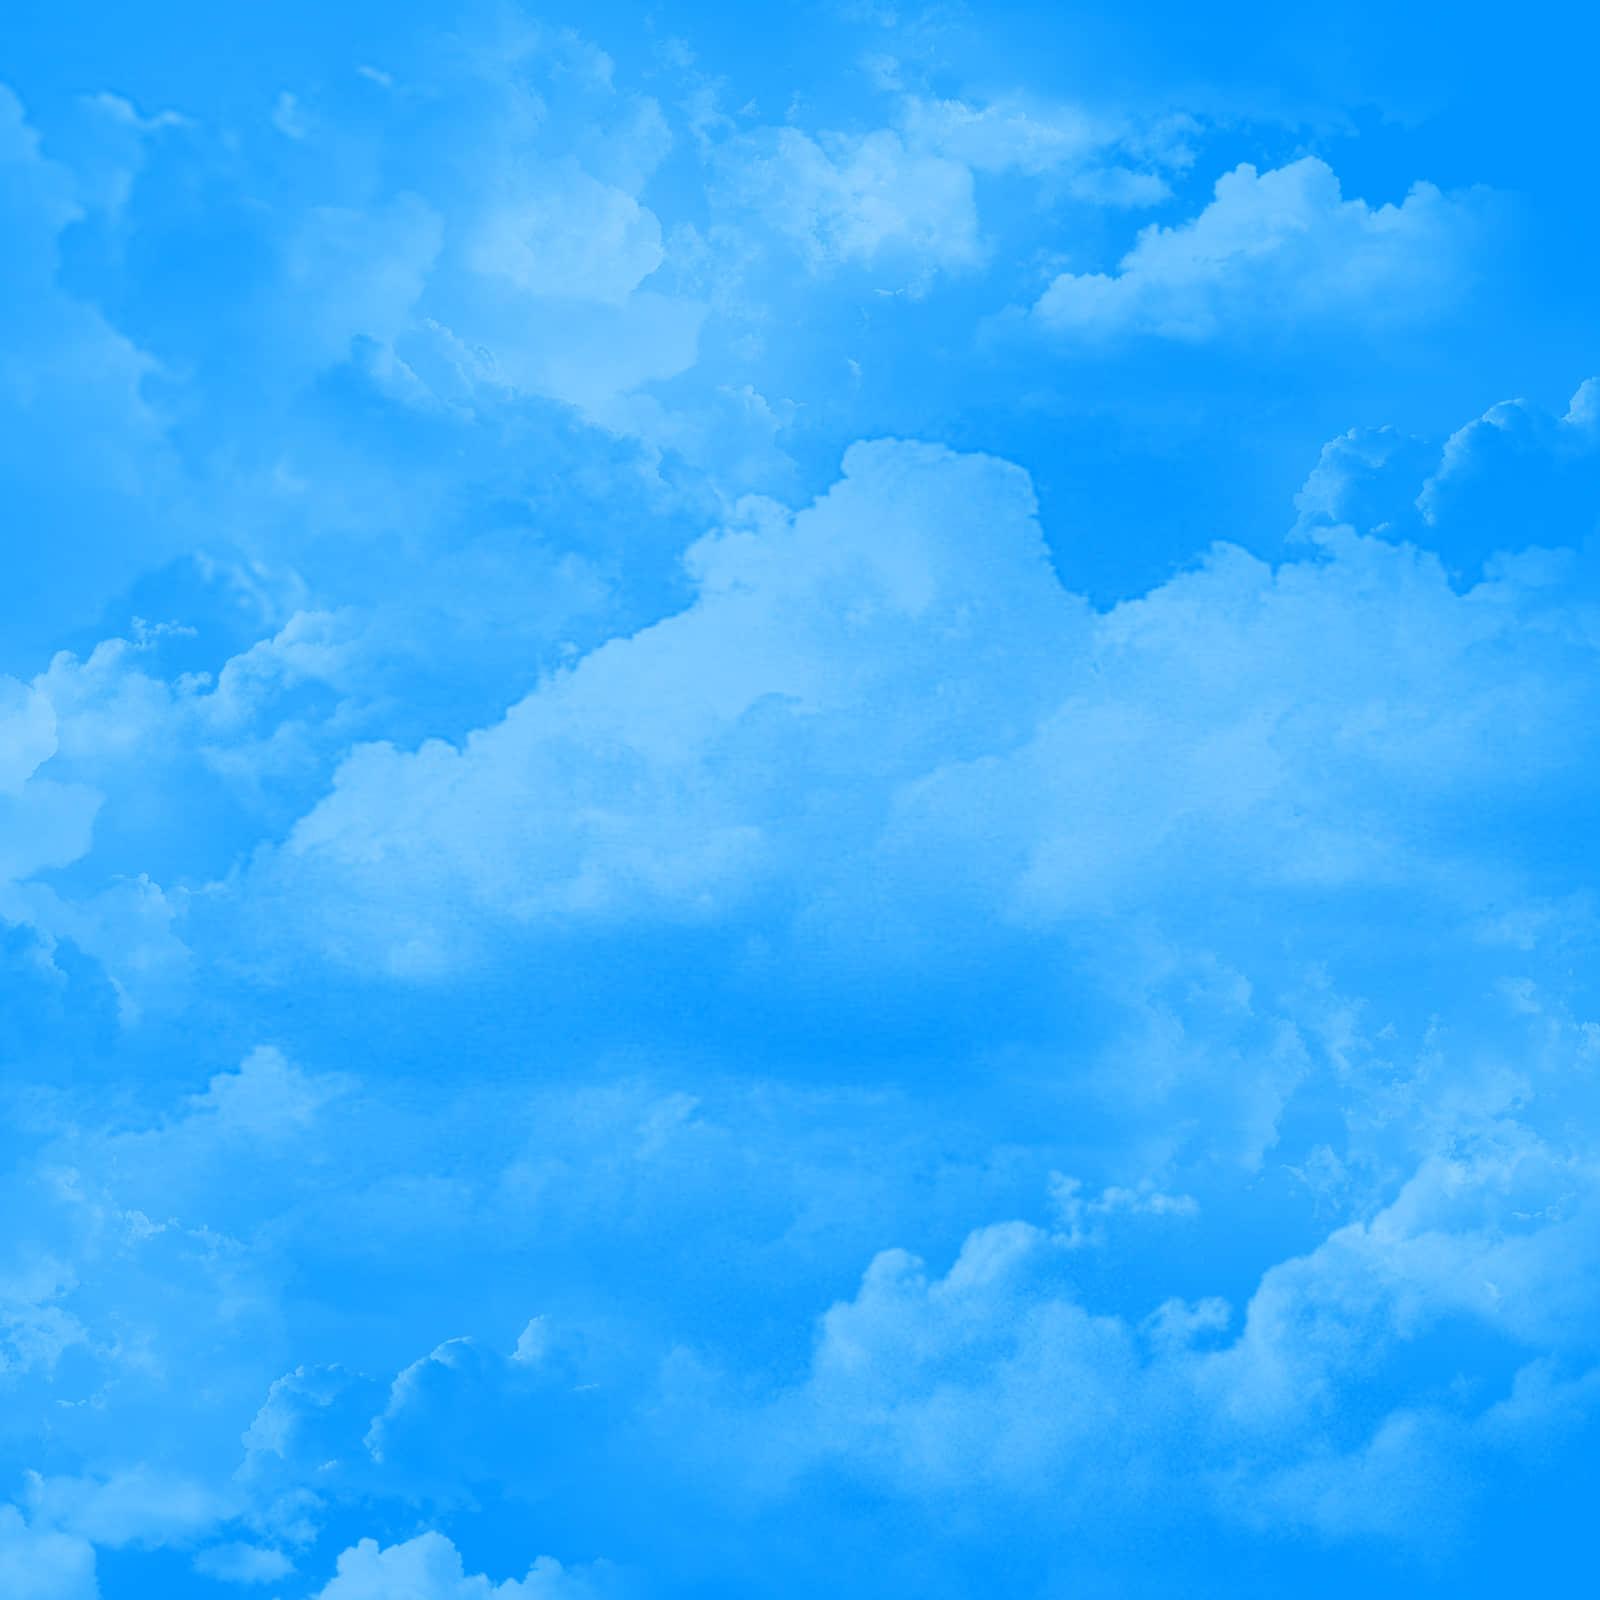 各种云朵、云彩PS笔刷下载 白云笔刷 云朵笔刷  cloud brushes